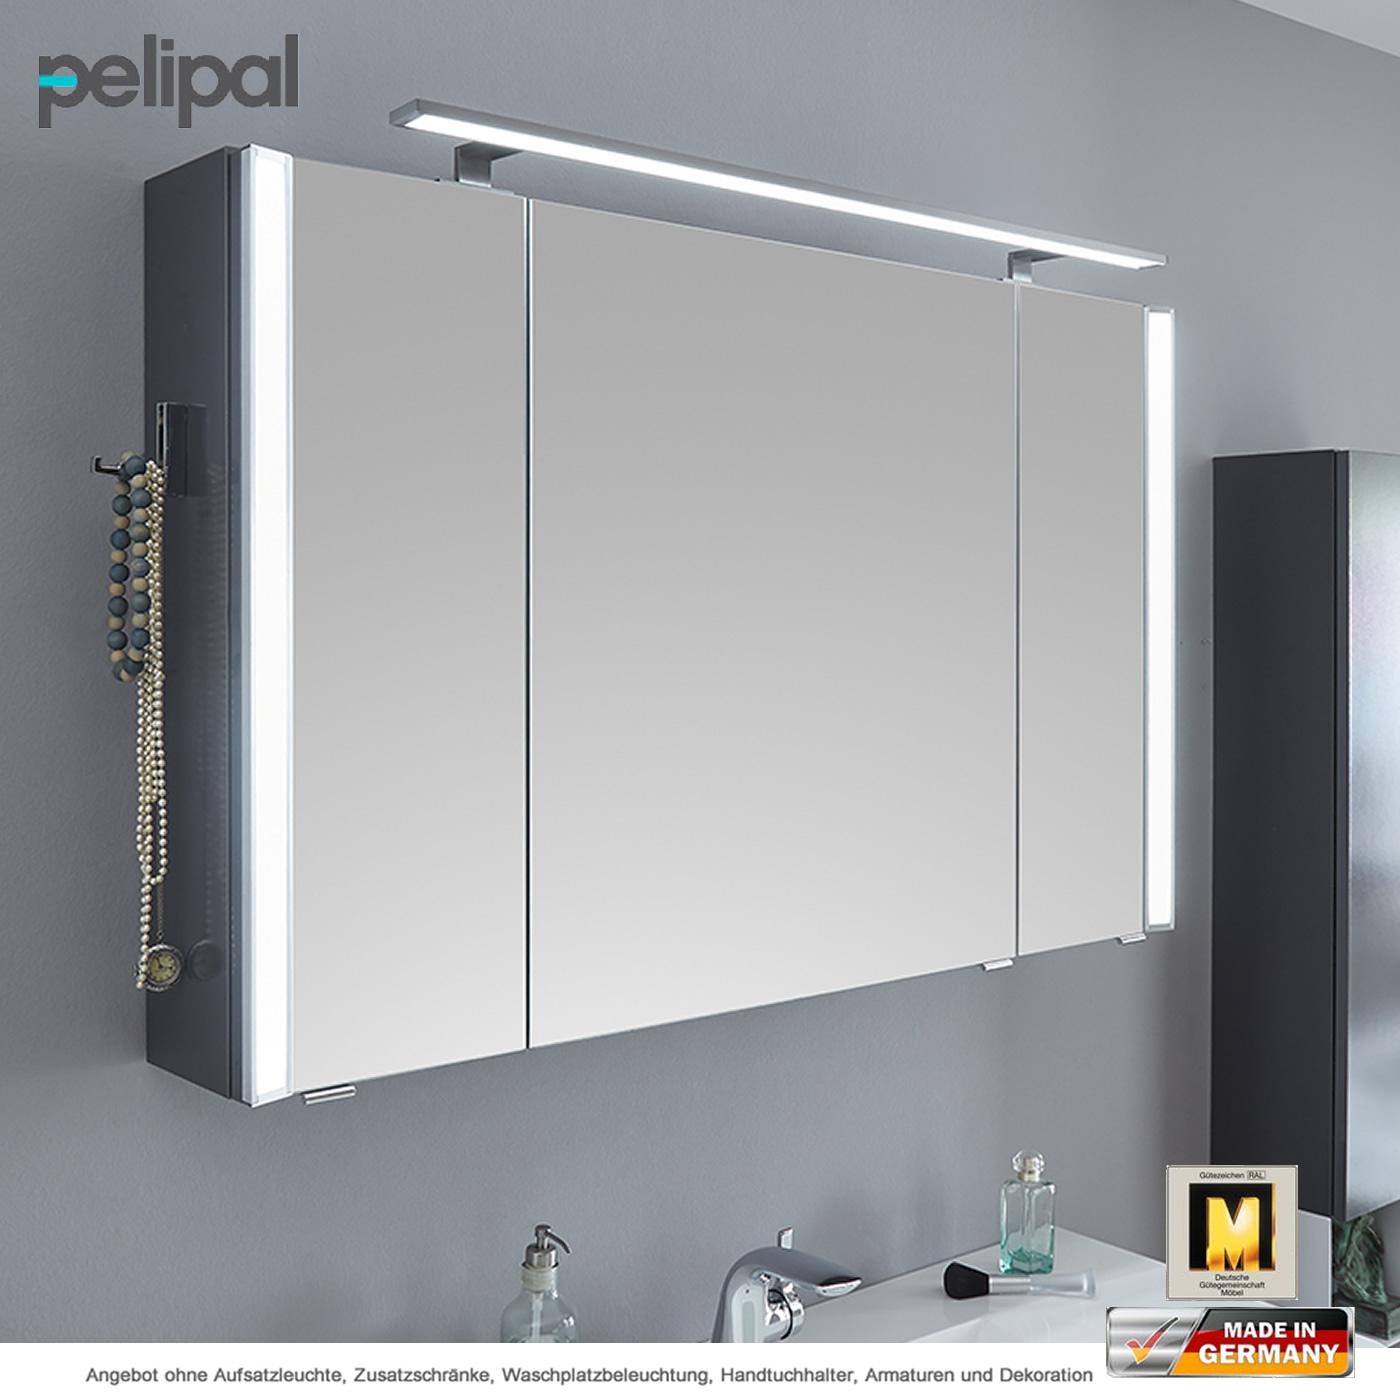 Pelipal Solitaire 9020 Spiegelschrank 115 cm mit seitl. Lichtprofil ...